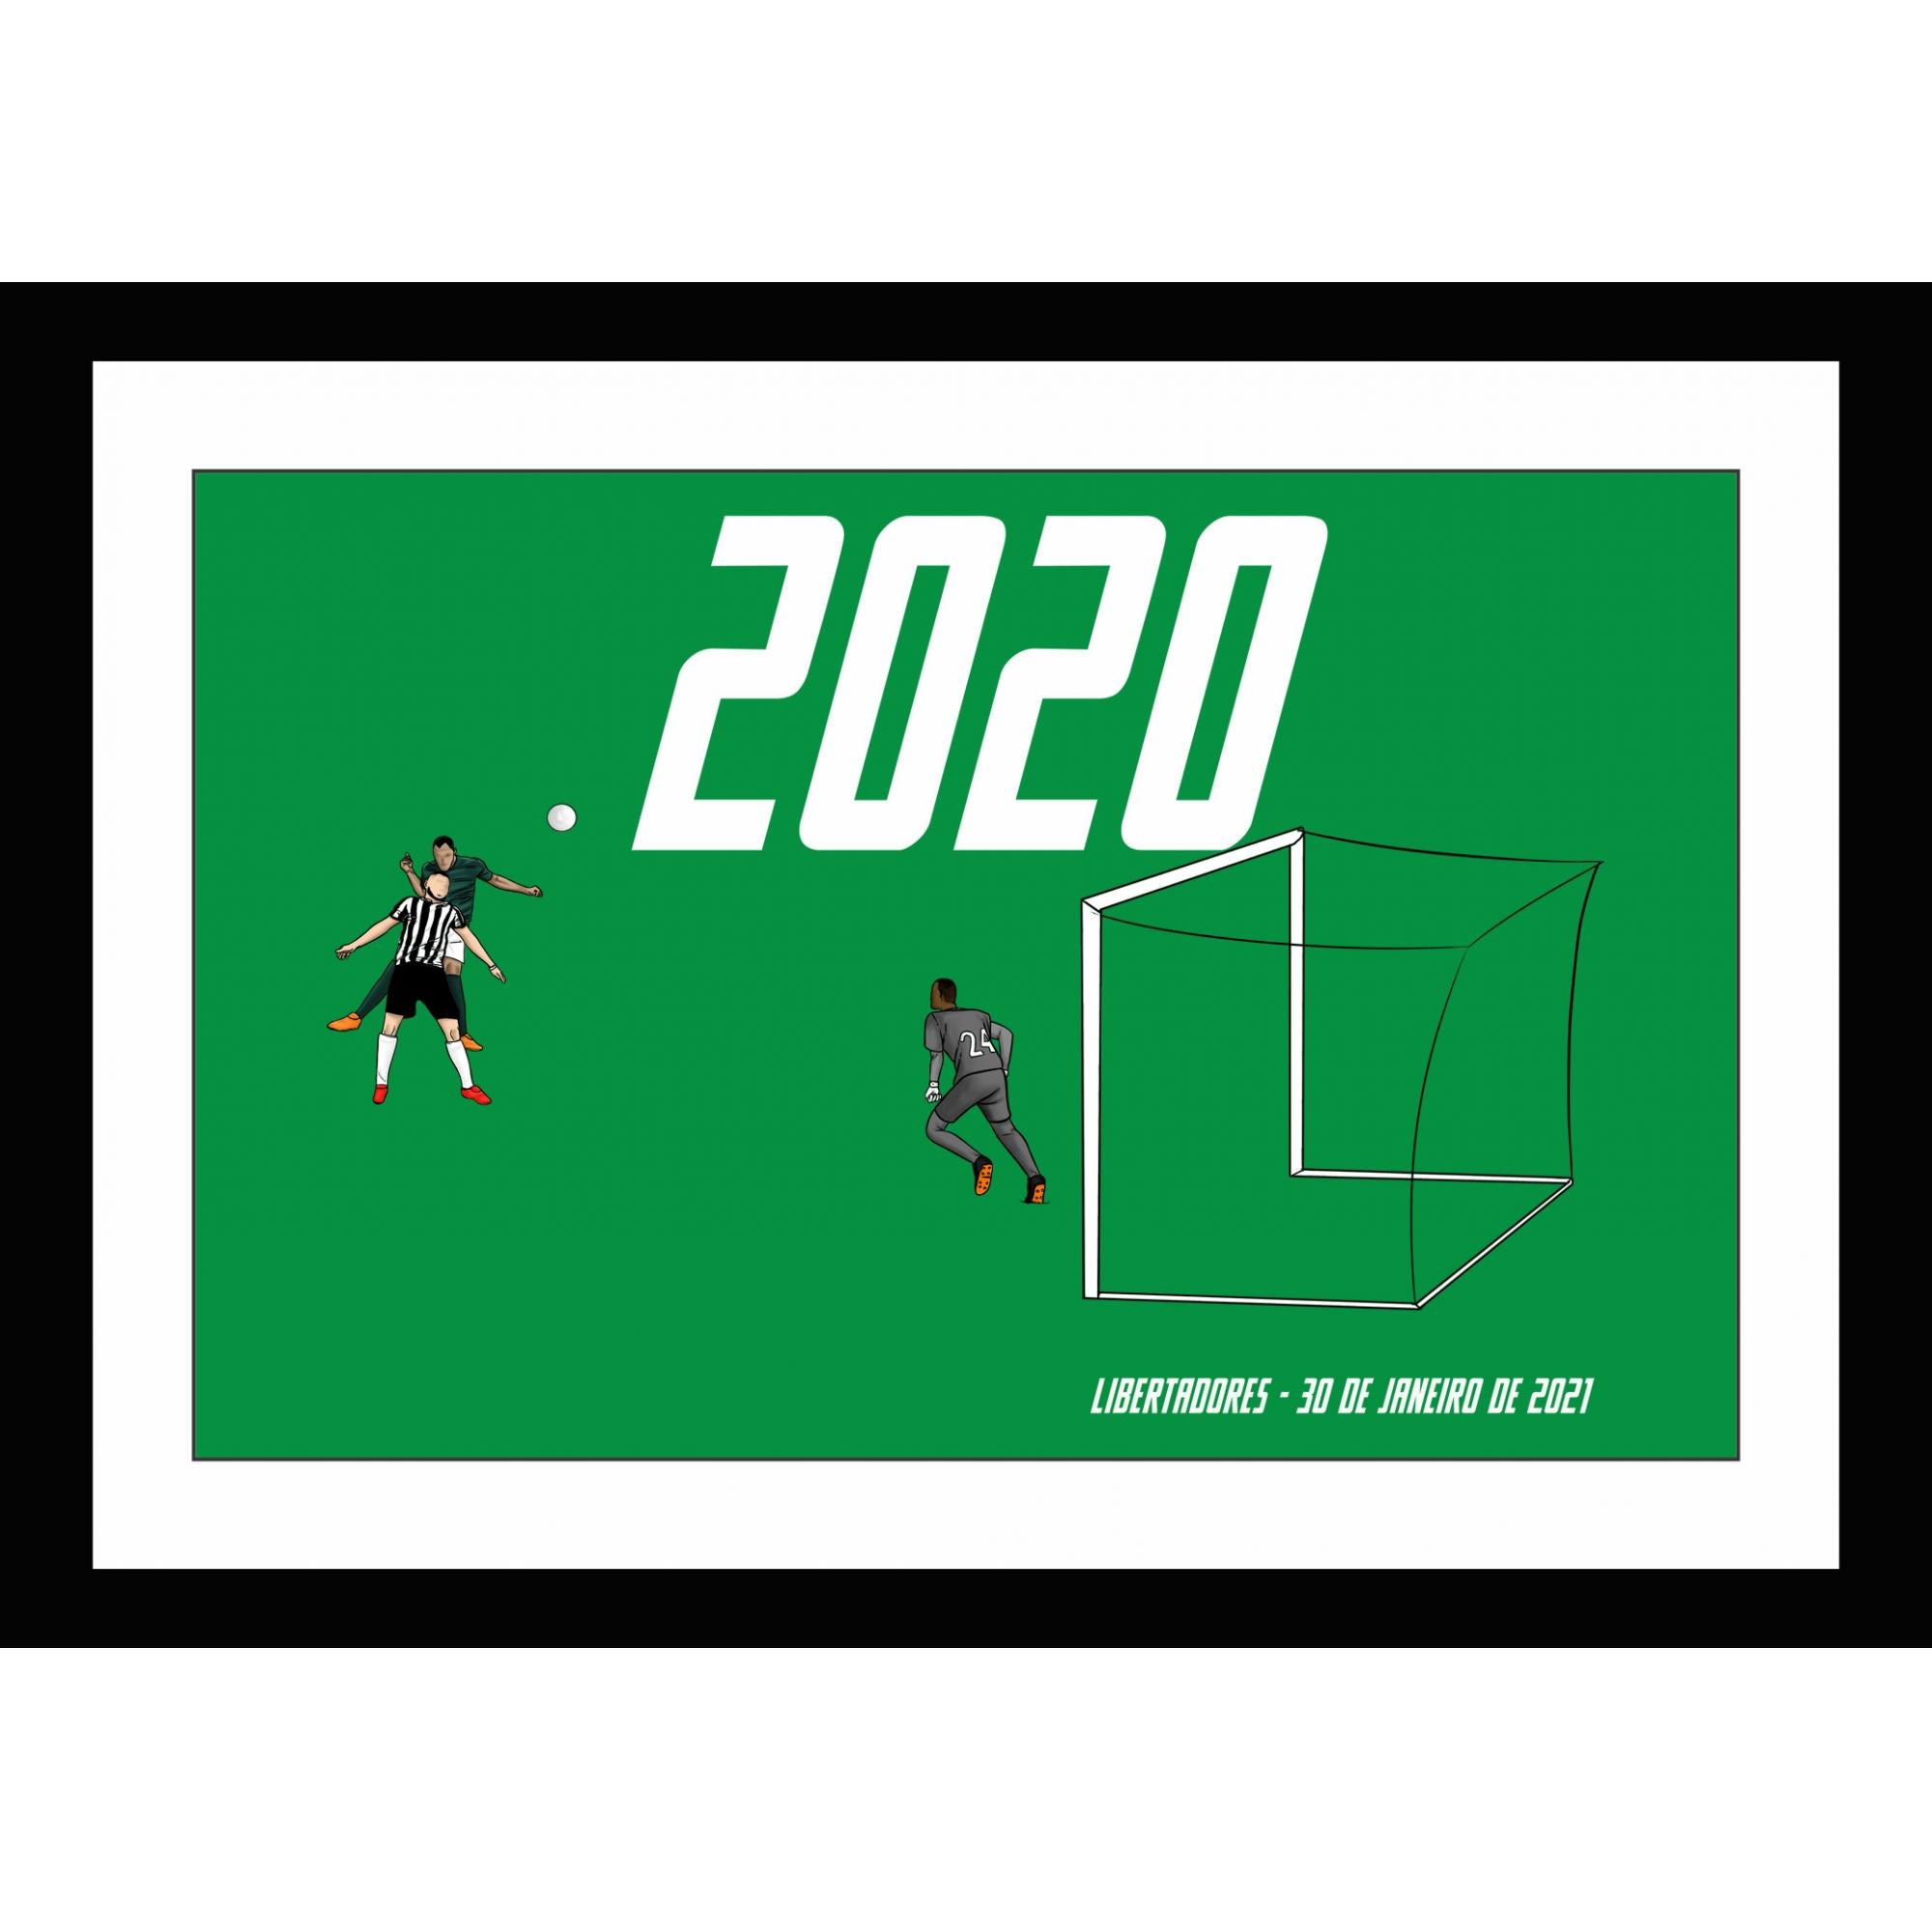 Quadro Herói Improvável Bi-Libertadores 2020